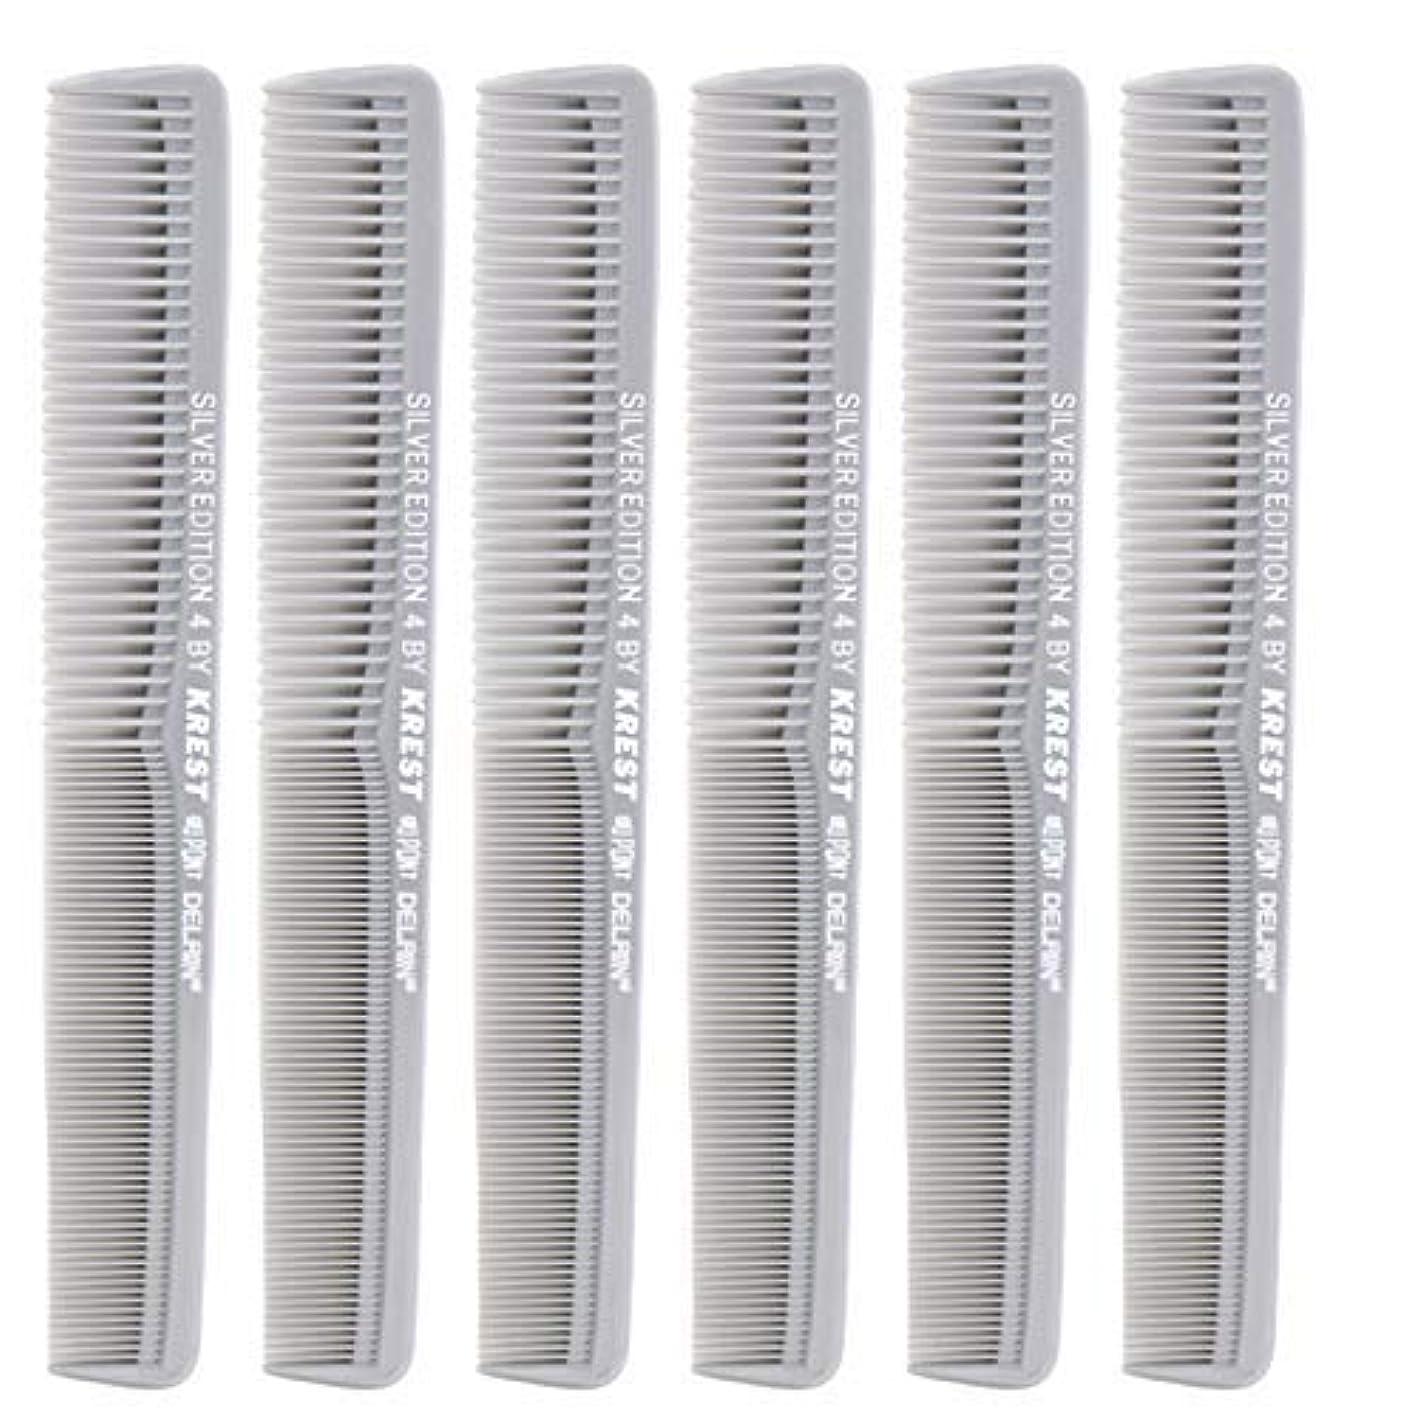 生きている名前用心する7 In. Silver Edition Heat Resistant All Purpose Hair Comb Model #4 Krest Comb, [並行輸入品]